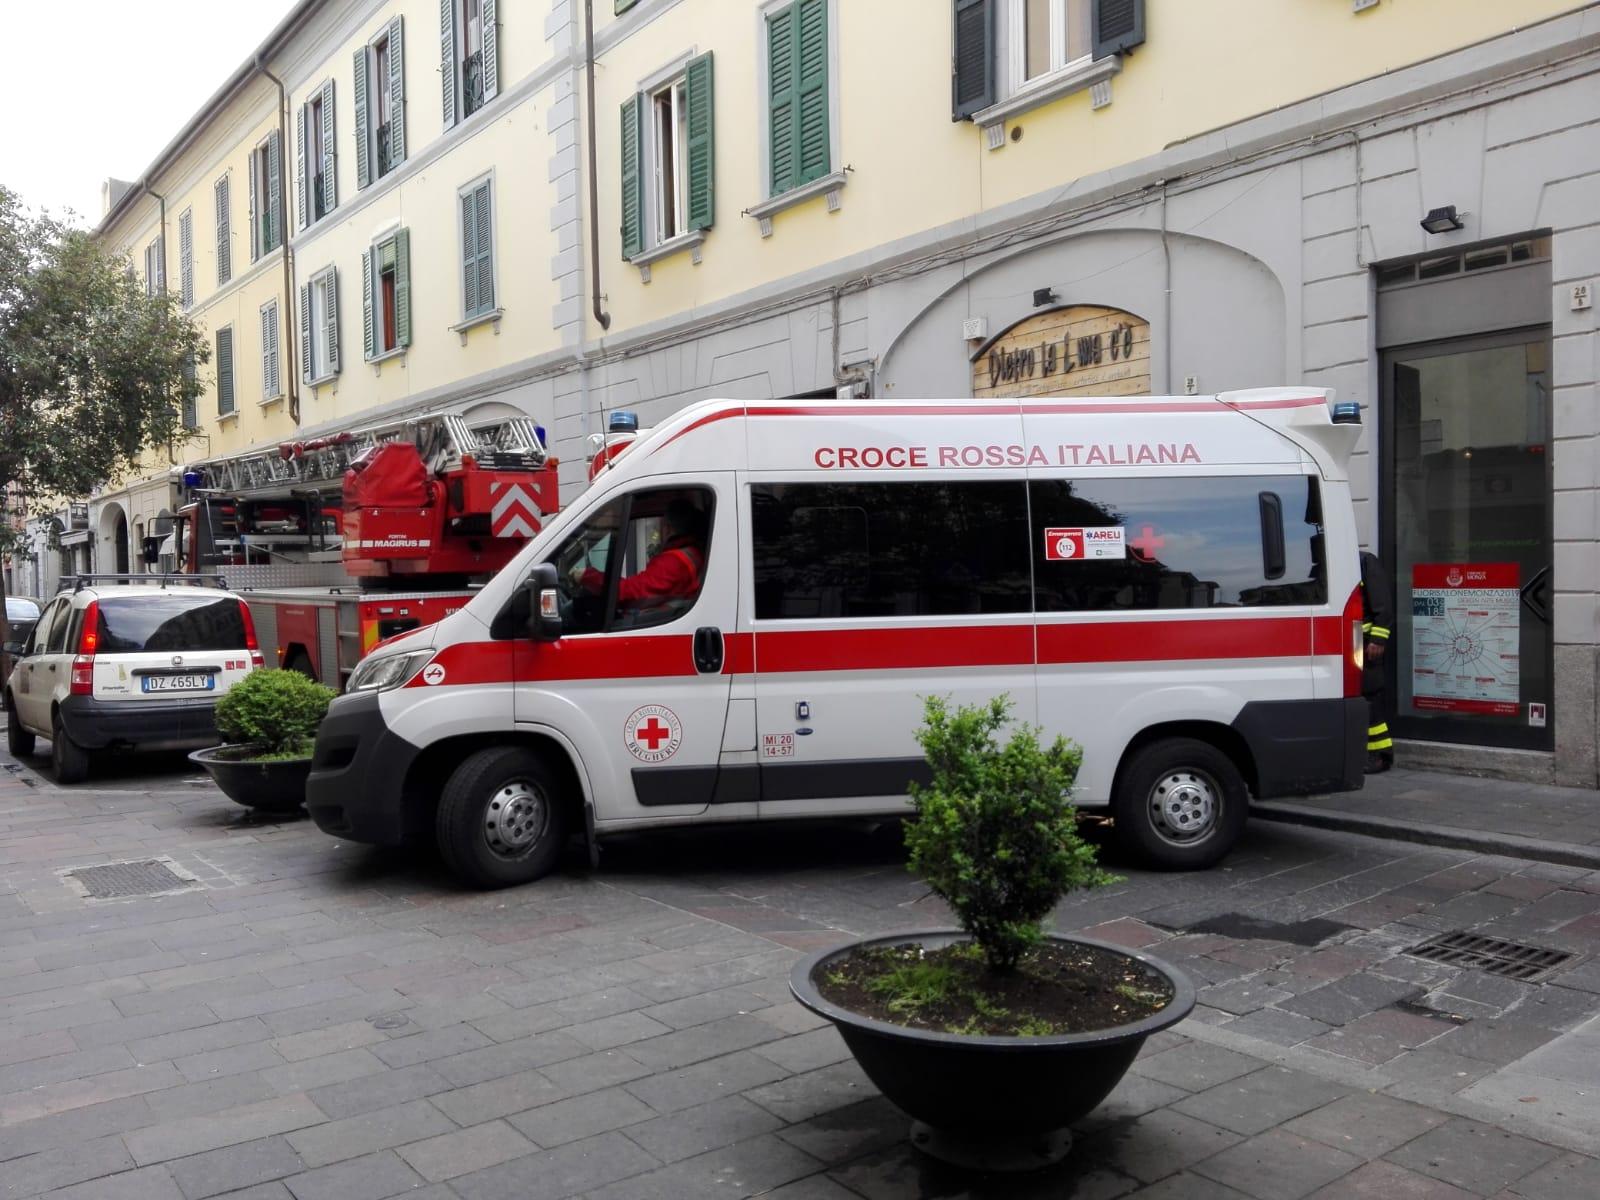 Paura in via Bergamo, anziana sola cade in casa ma la porta è chiusa a chiave